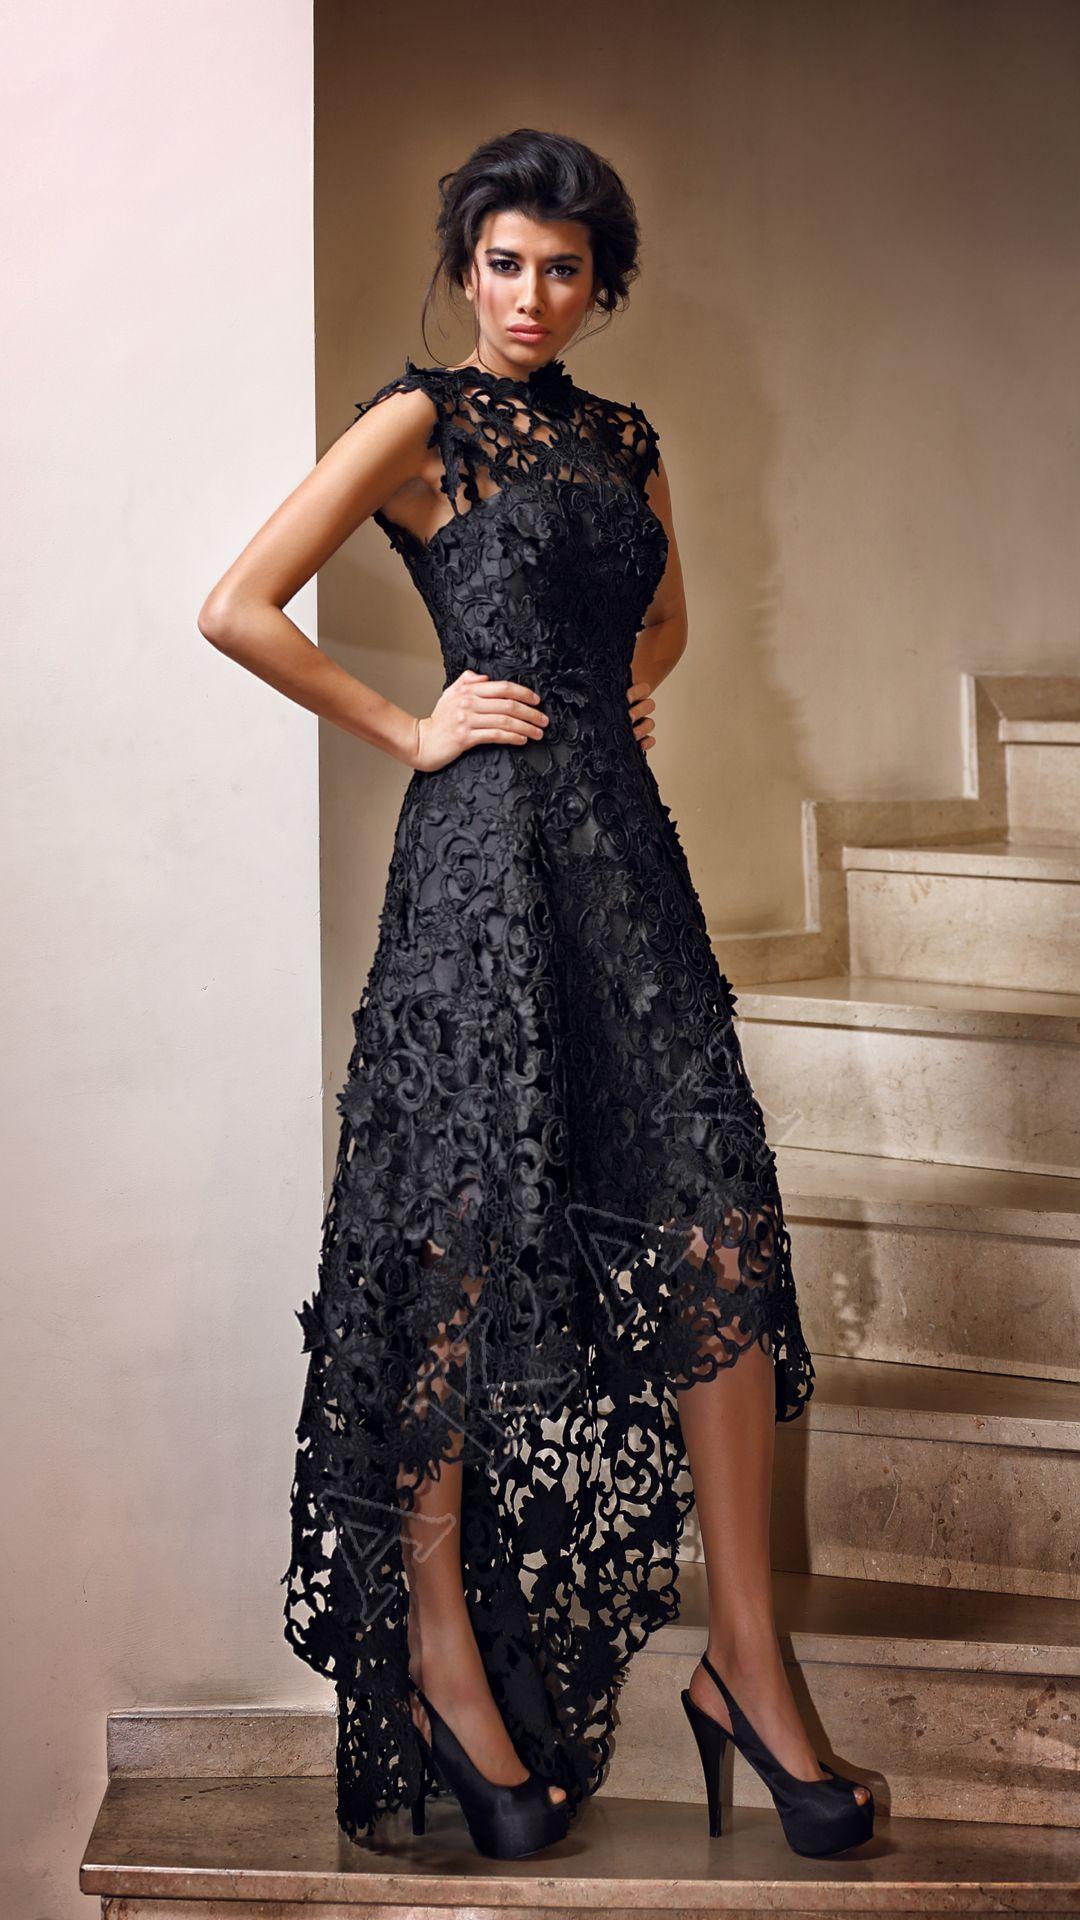 97b25979fd11c Akay Marka 2016 ve 2017 Yılında Giyilebilecek Abiye Elbise Modelleri -  Siyah Dantelli